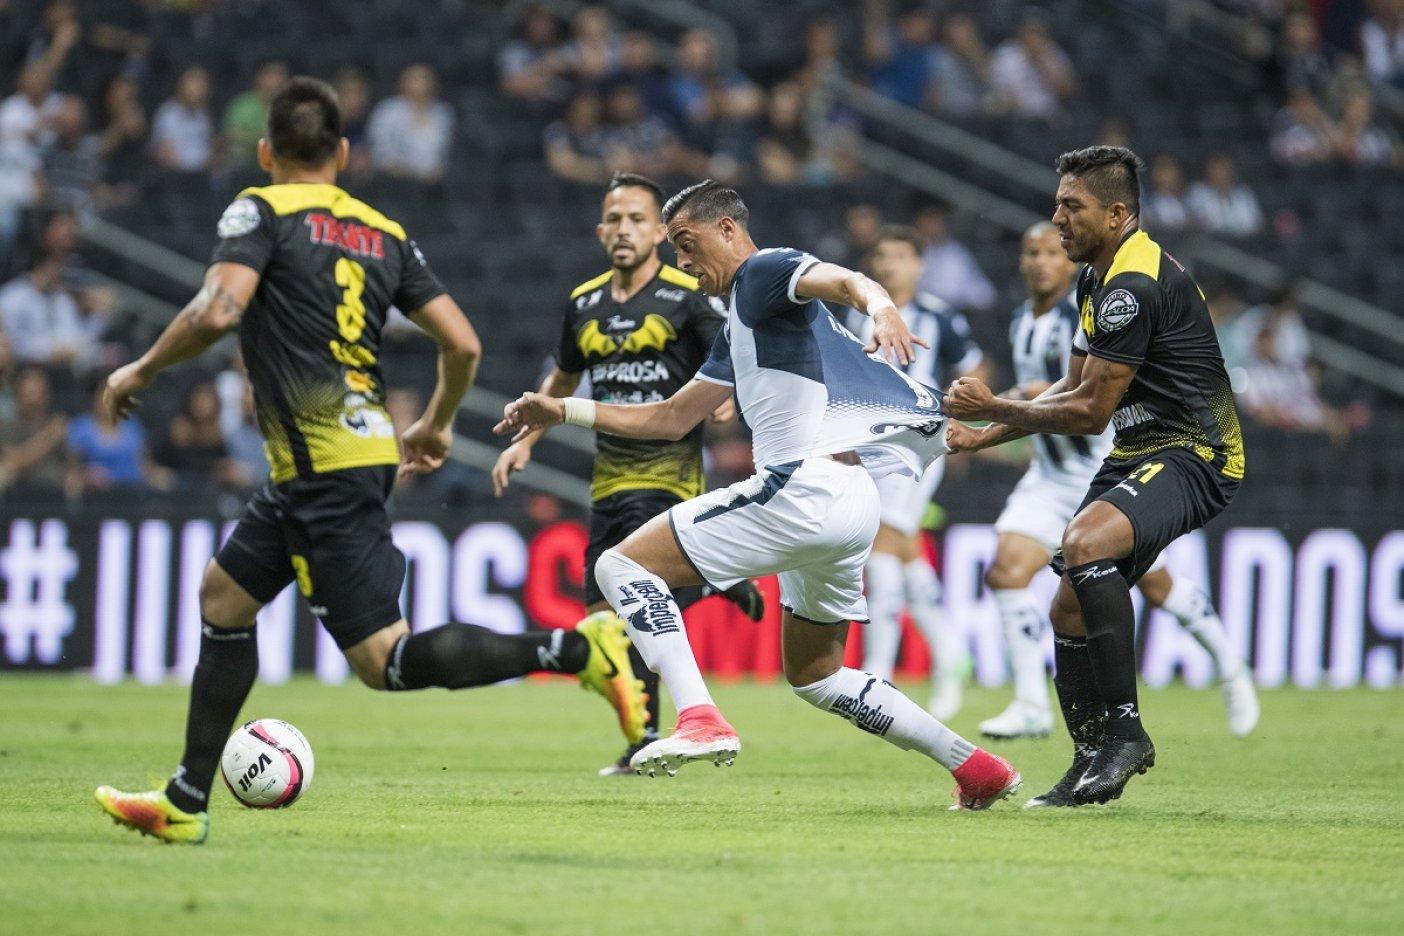 Con hat-trick de Rogelio Funes Mori, Rayados cierra perfecto su pretemporada